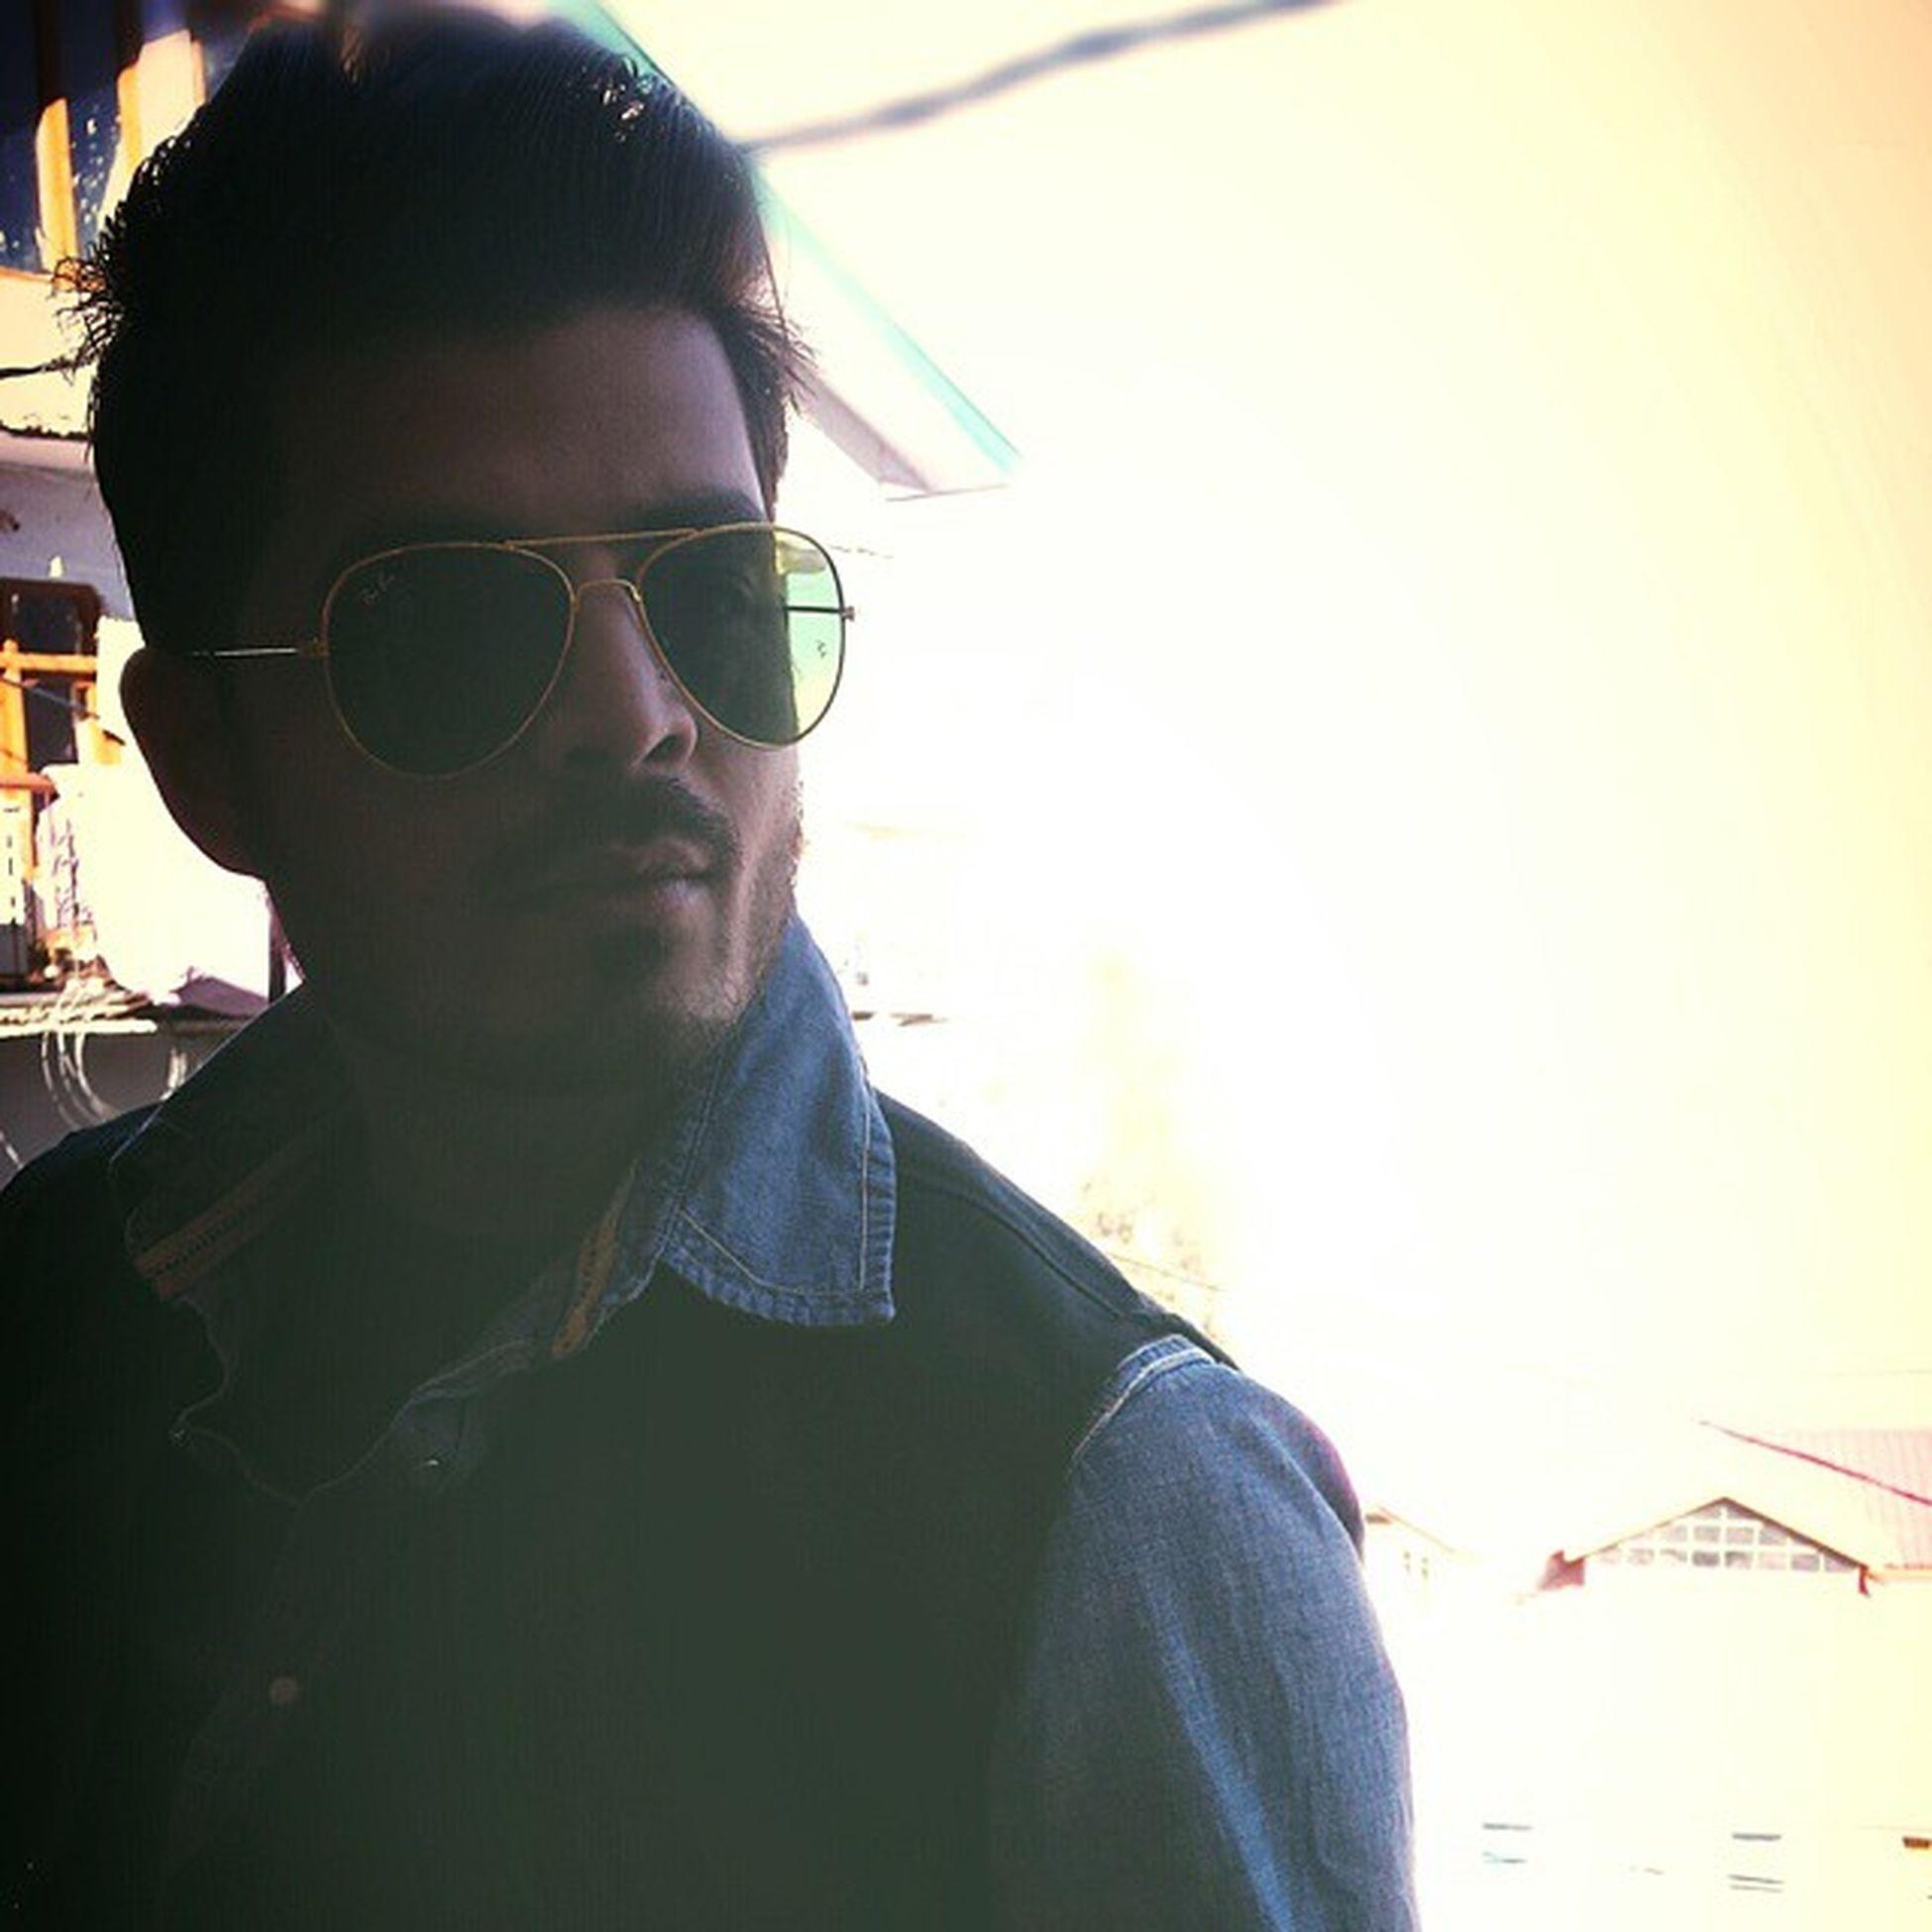 Mystyle Gqmen SRKinMe Indianfashion Attitude Lovefashion Gentleman